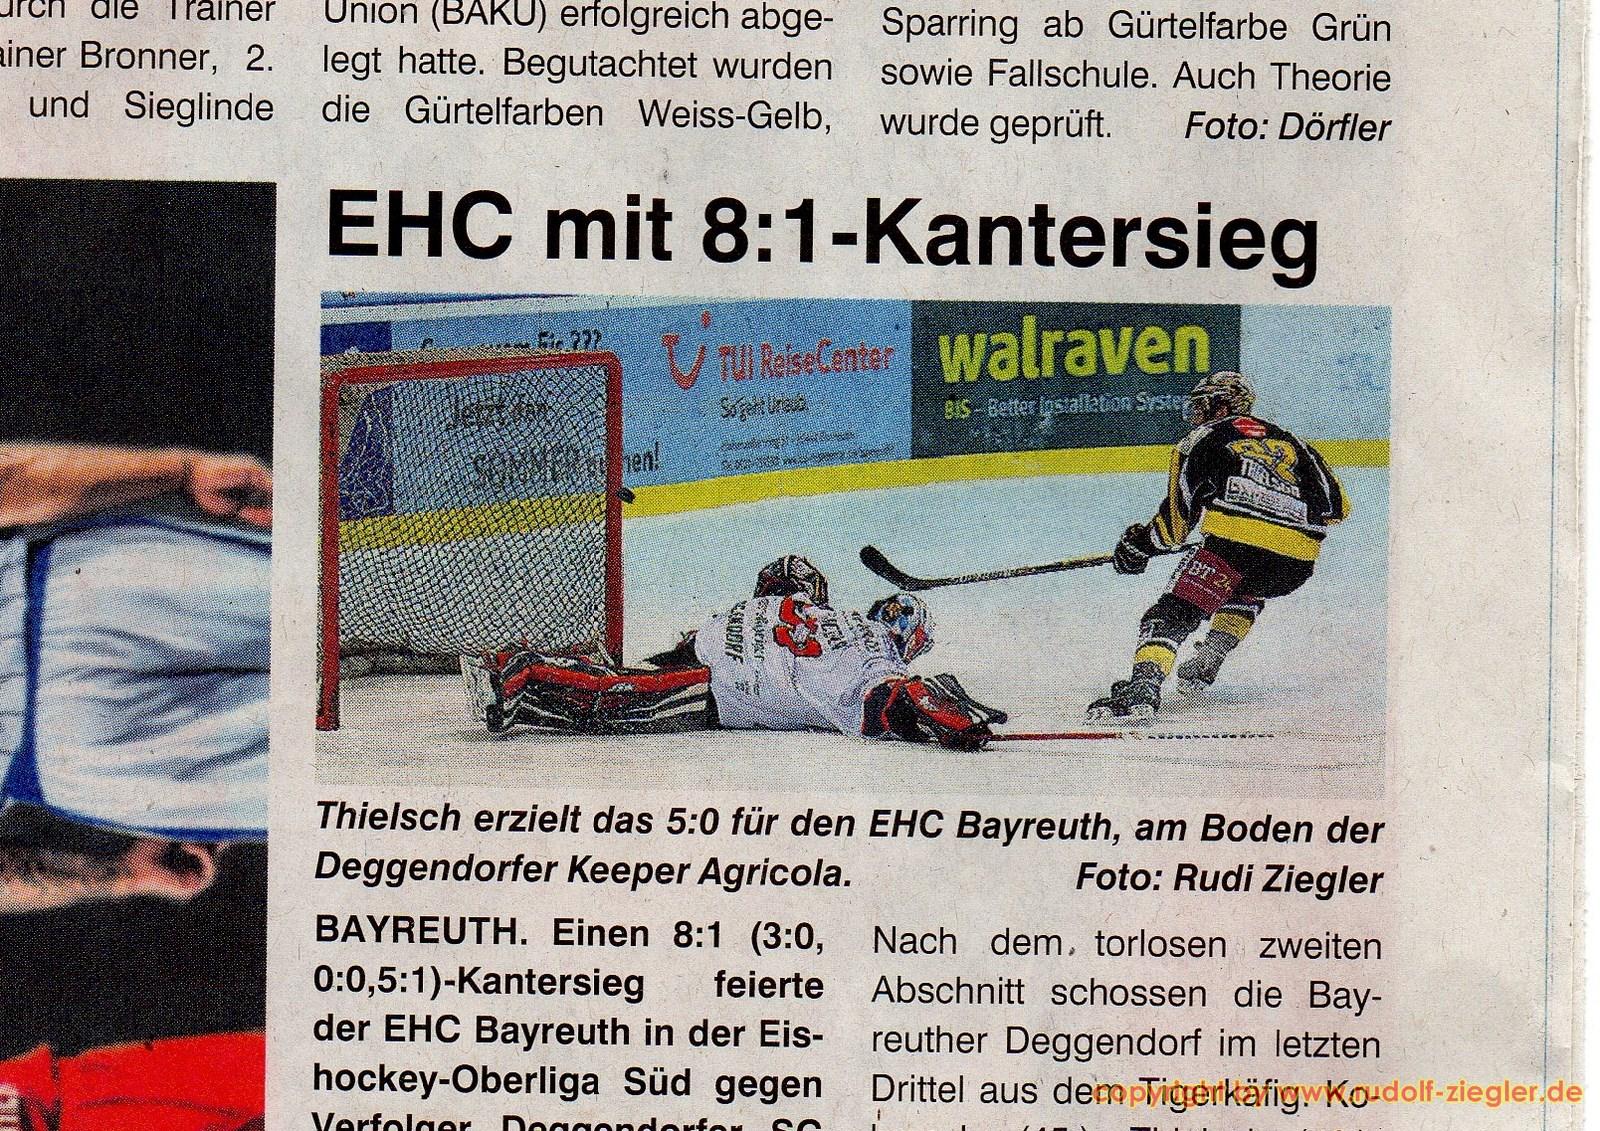 Bayreuther Sonntagszeitung 2016-01-03-A - 1600x1200